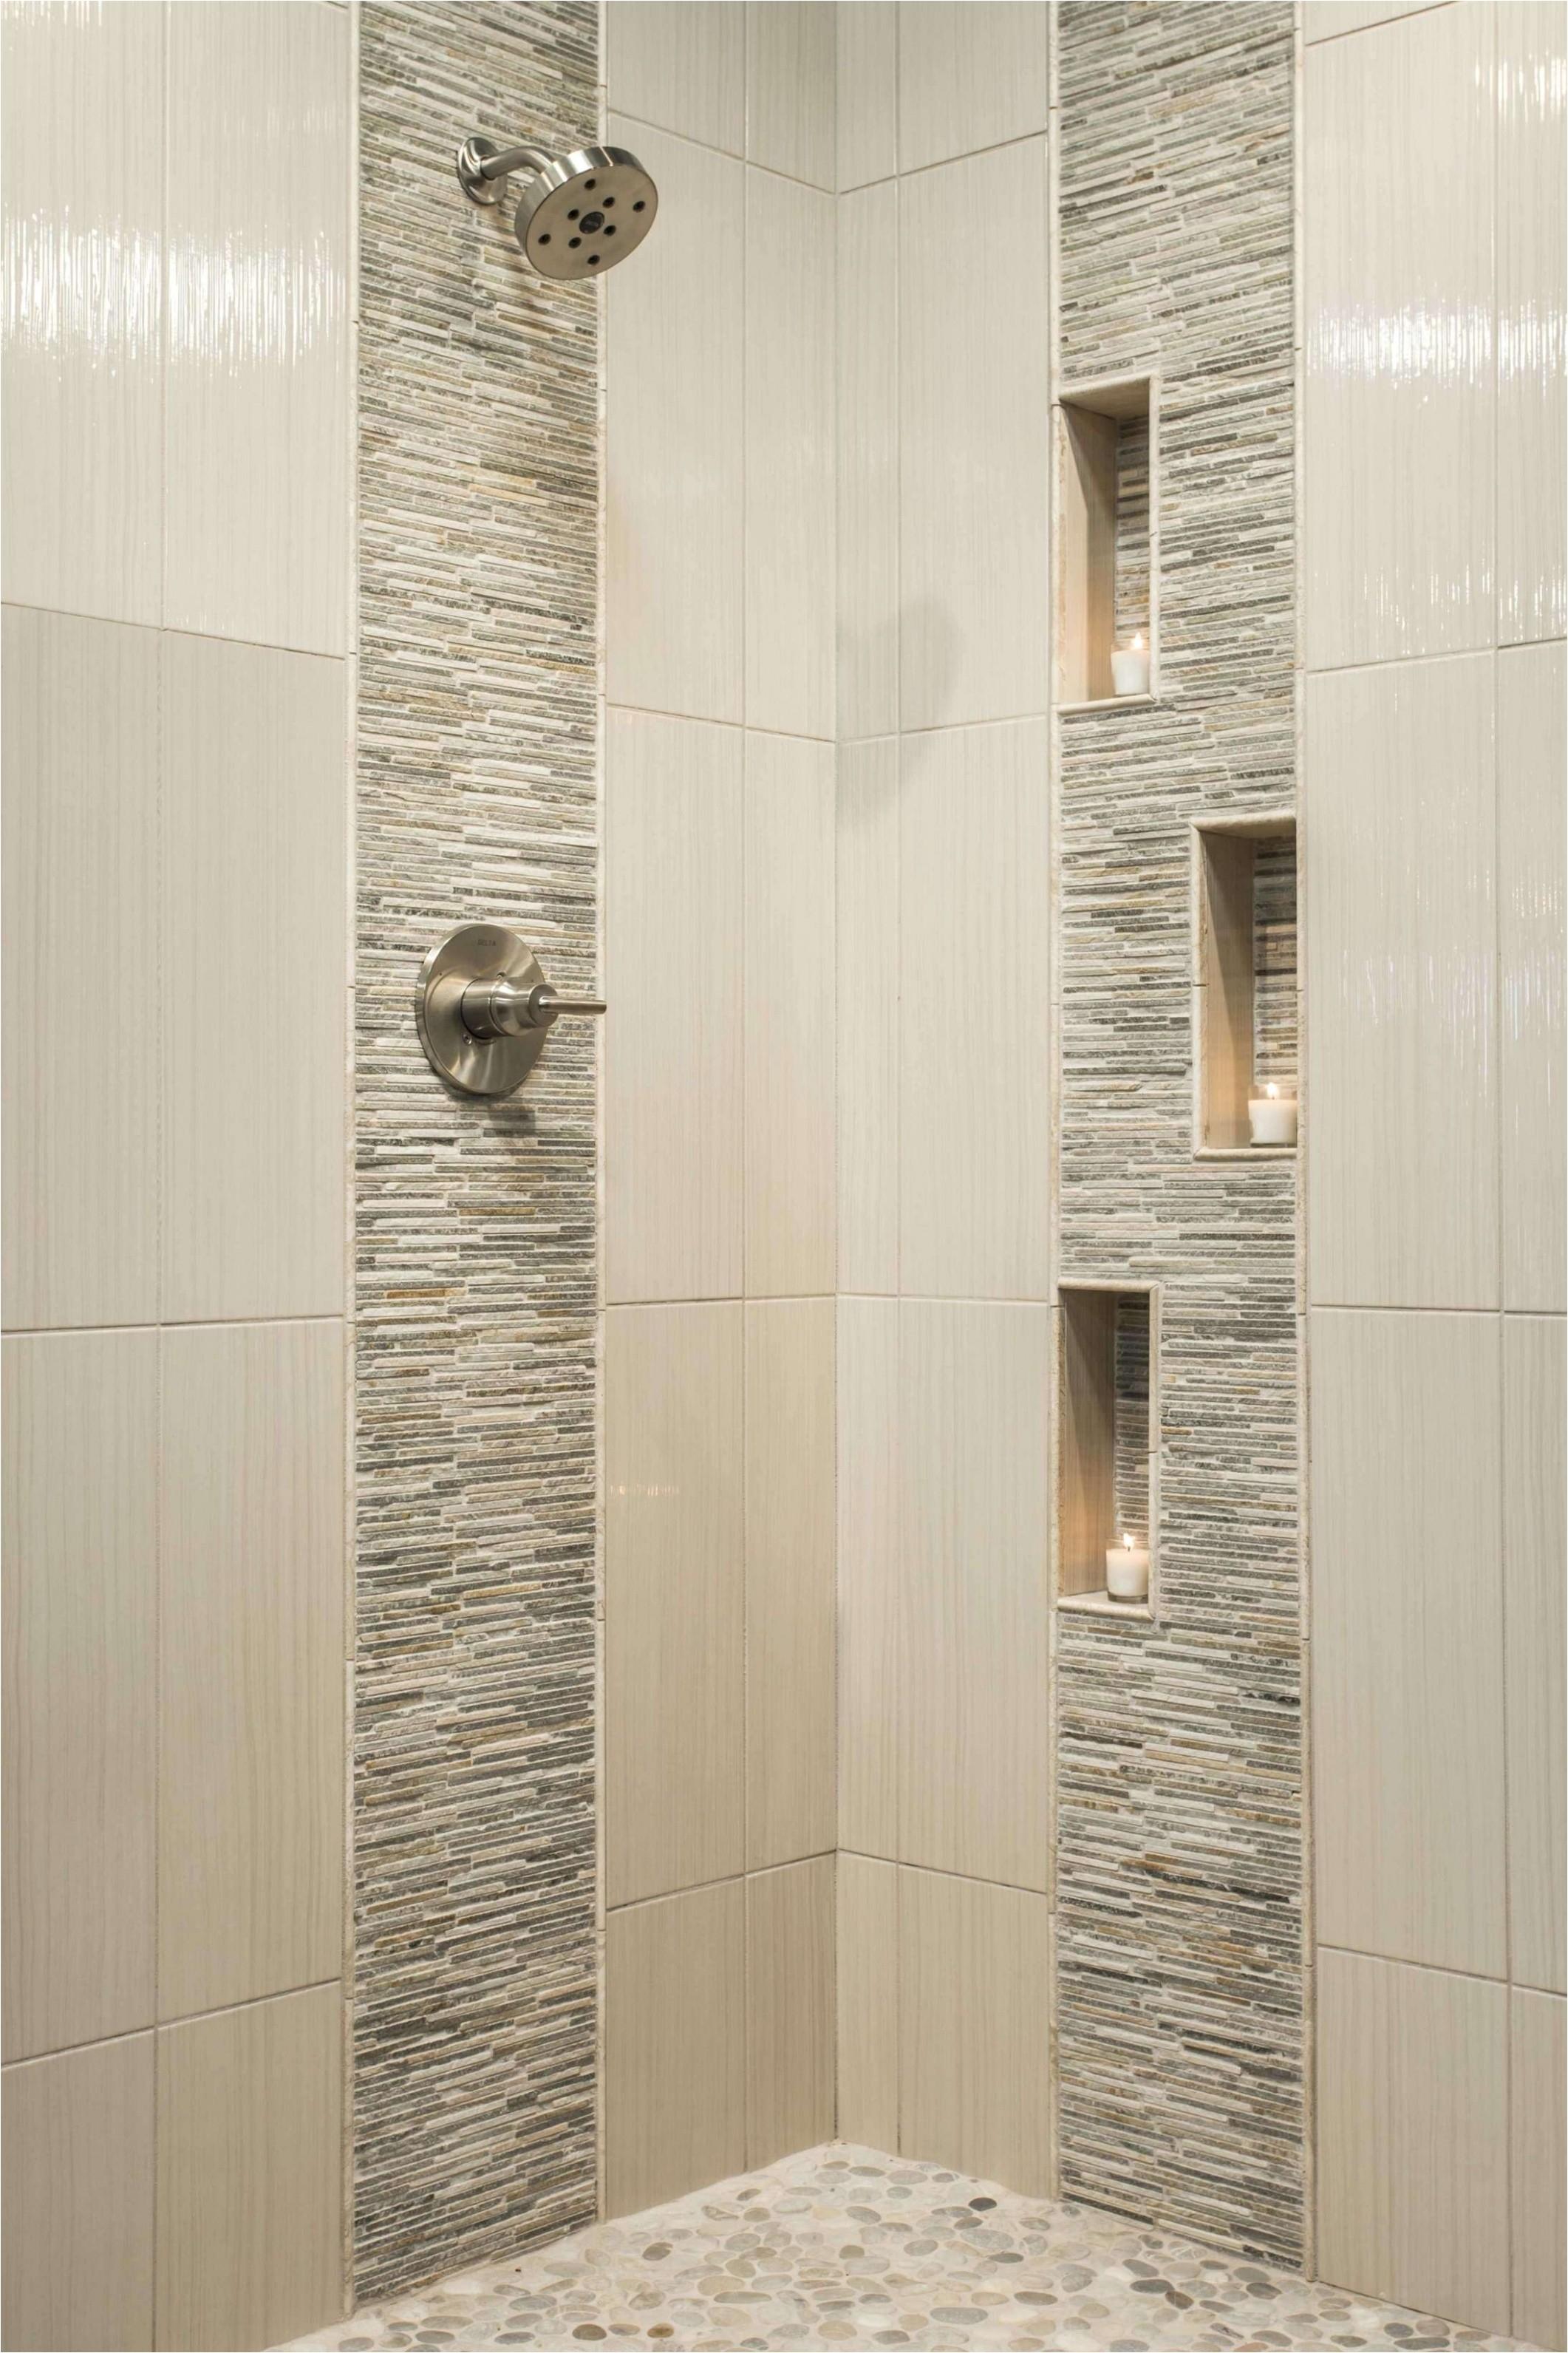 Tile Ideas For A Small Bathroom New Bathroom Floor Tiles Design Valid Floor Tiles Mosaic Bathroom 0d New